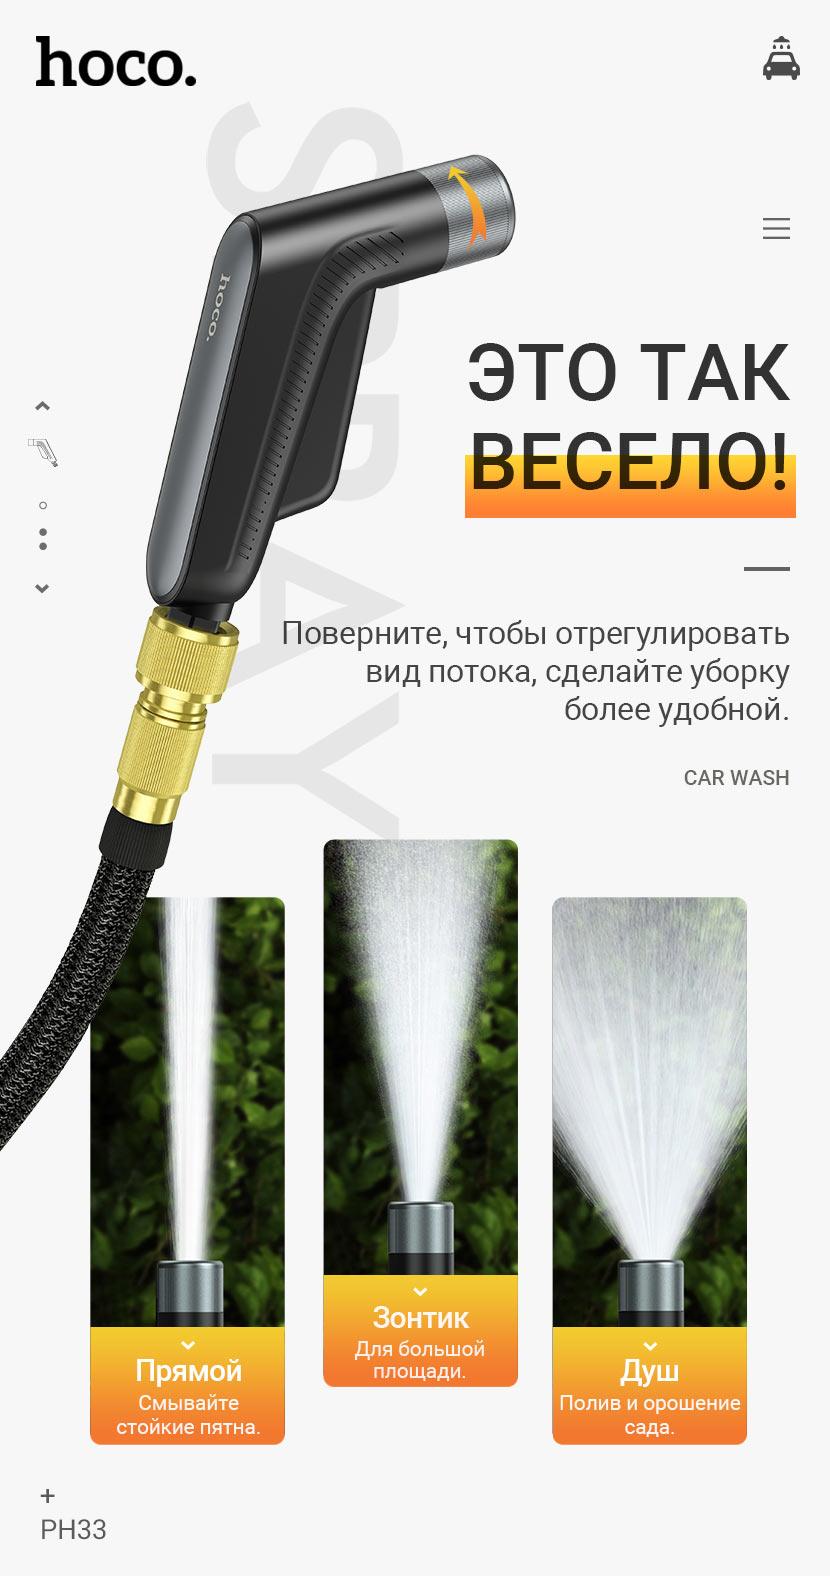 hoco news ph33 clair car wash water gun set fun ru